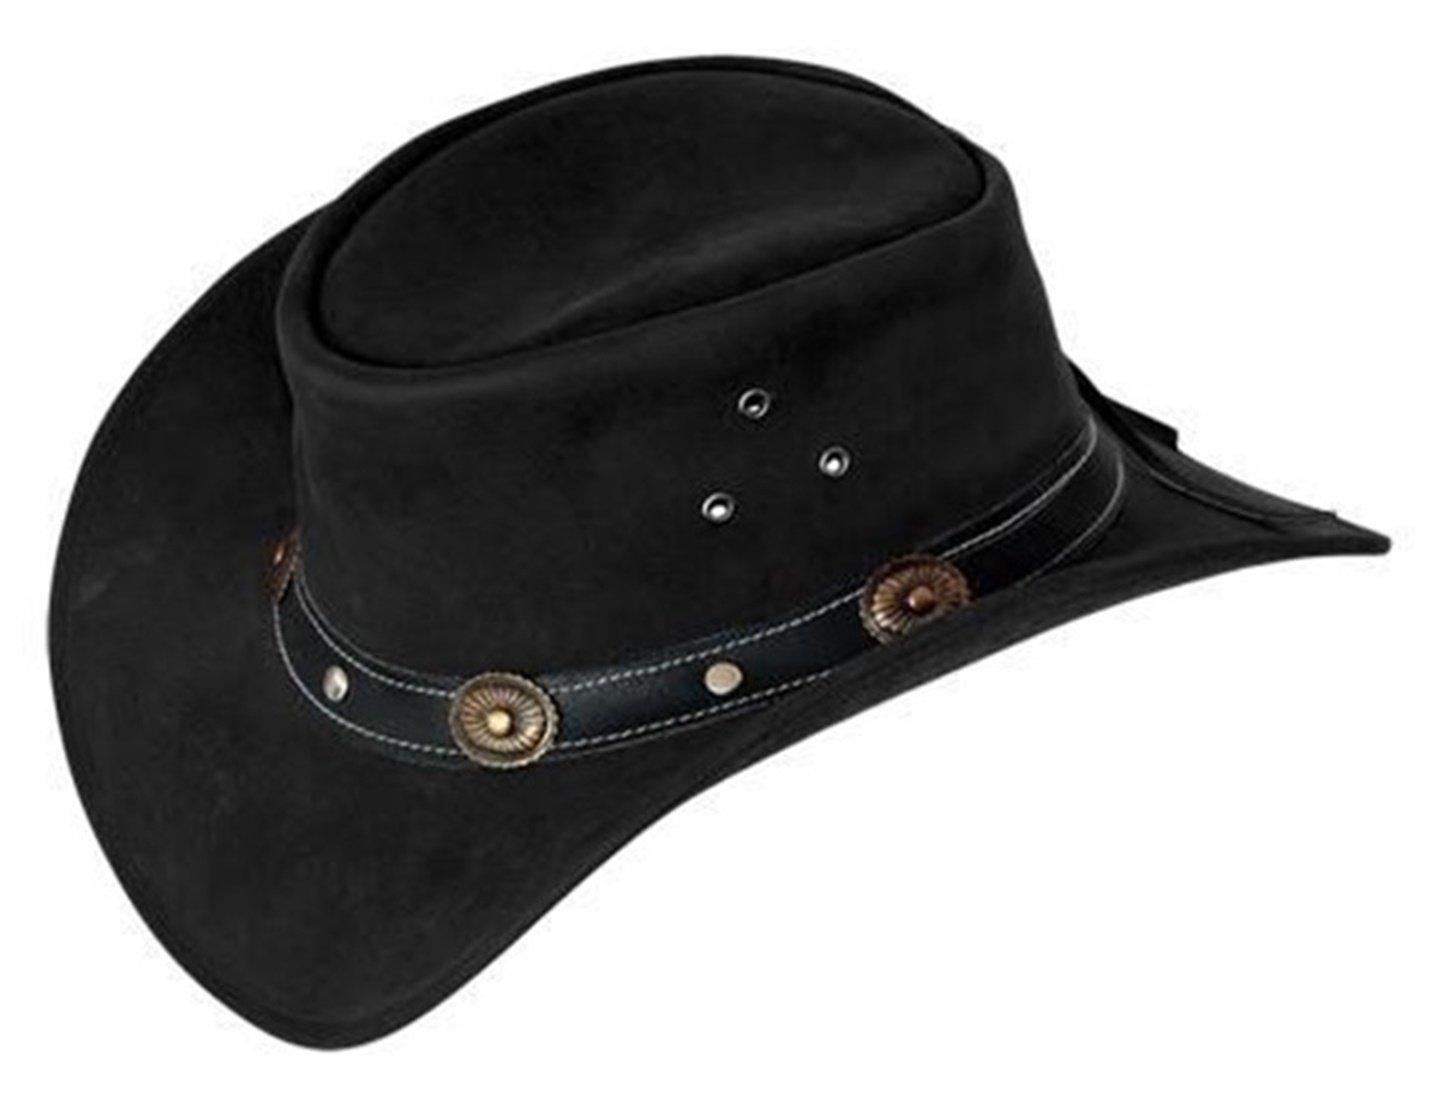 Scippis Rugged Earth - Cappello in cuoio da cowboy, con strisce in sughero e fascia in pelle, colore nero